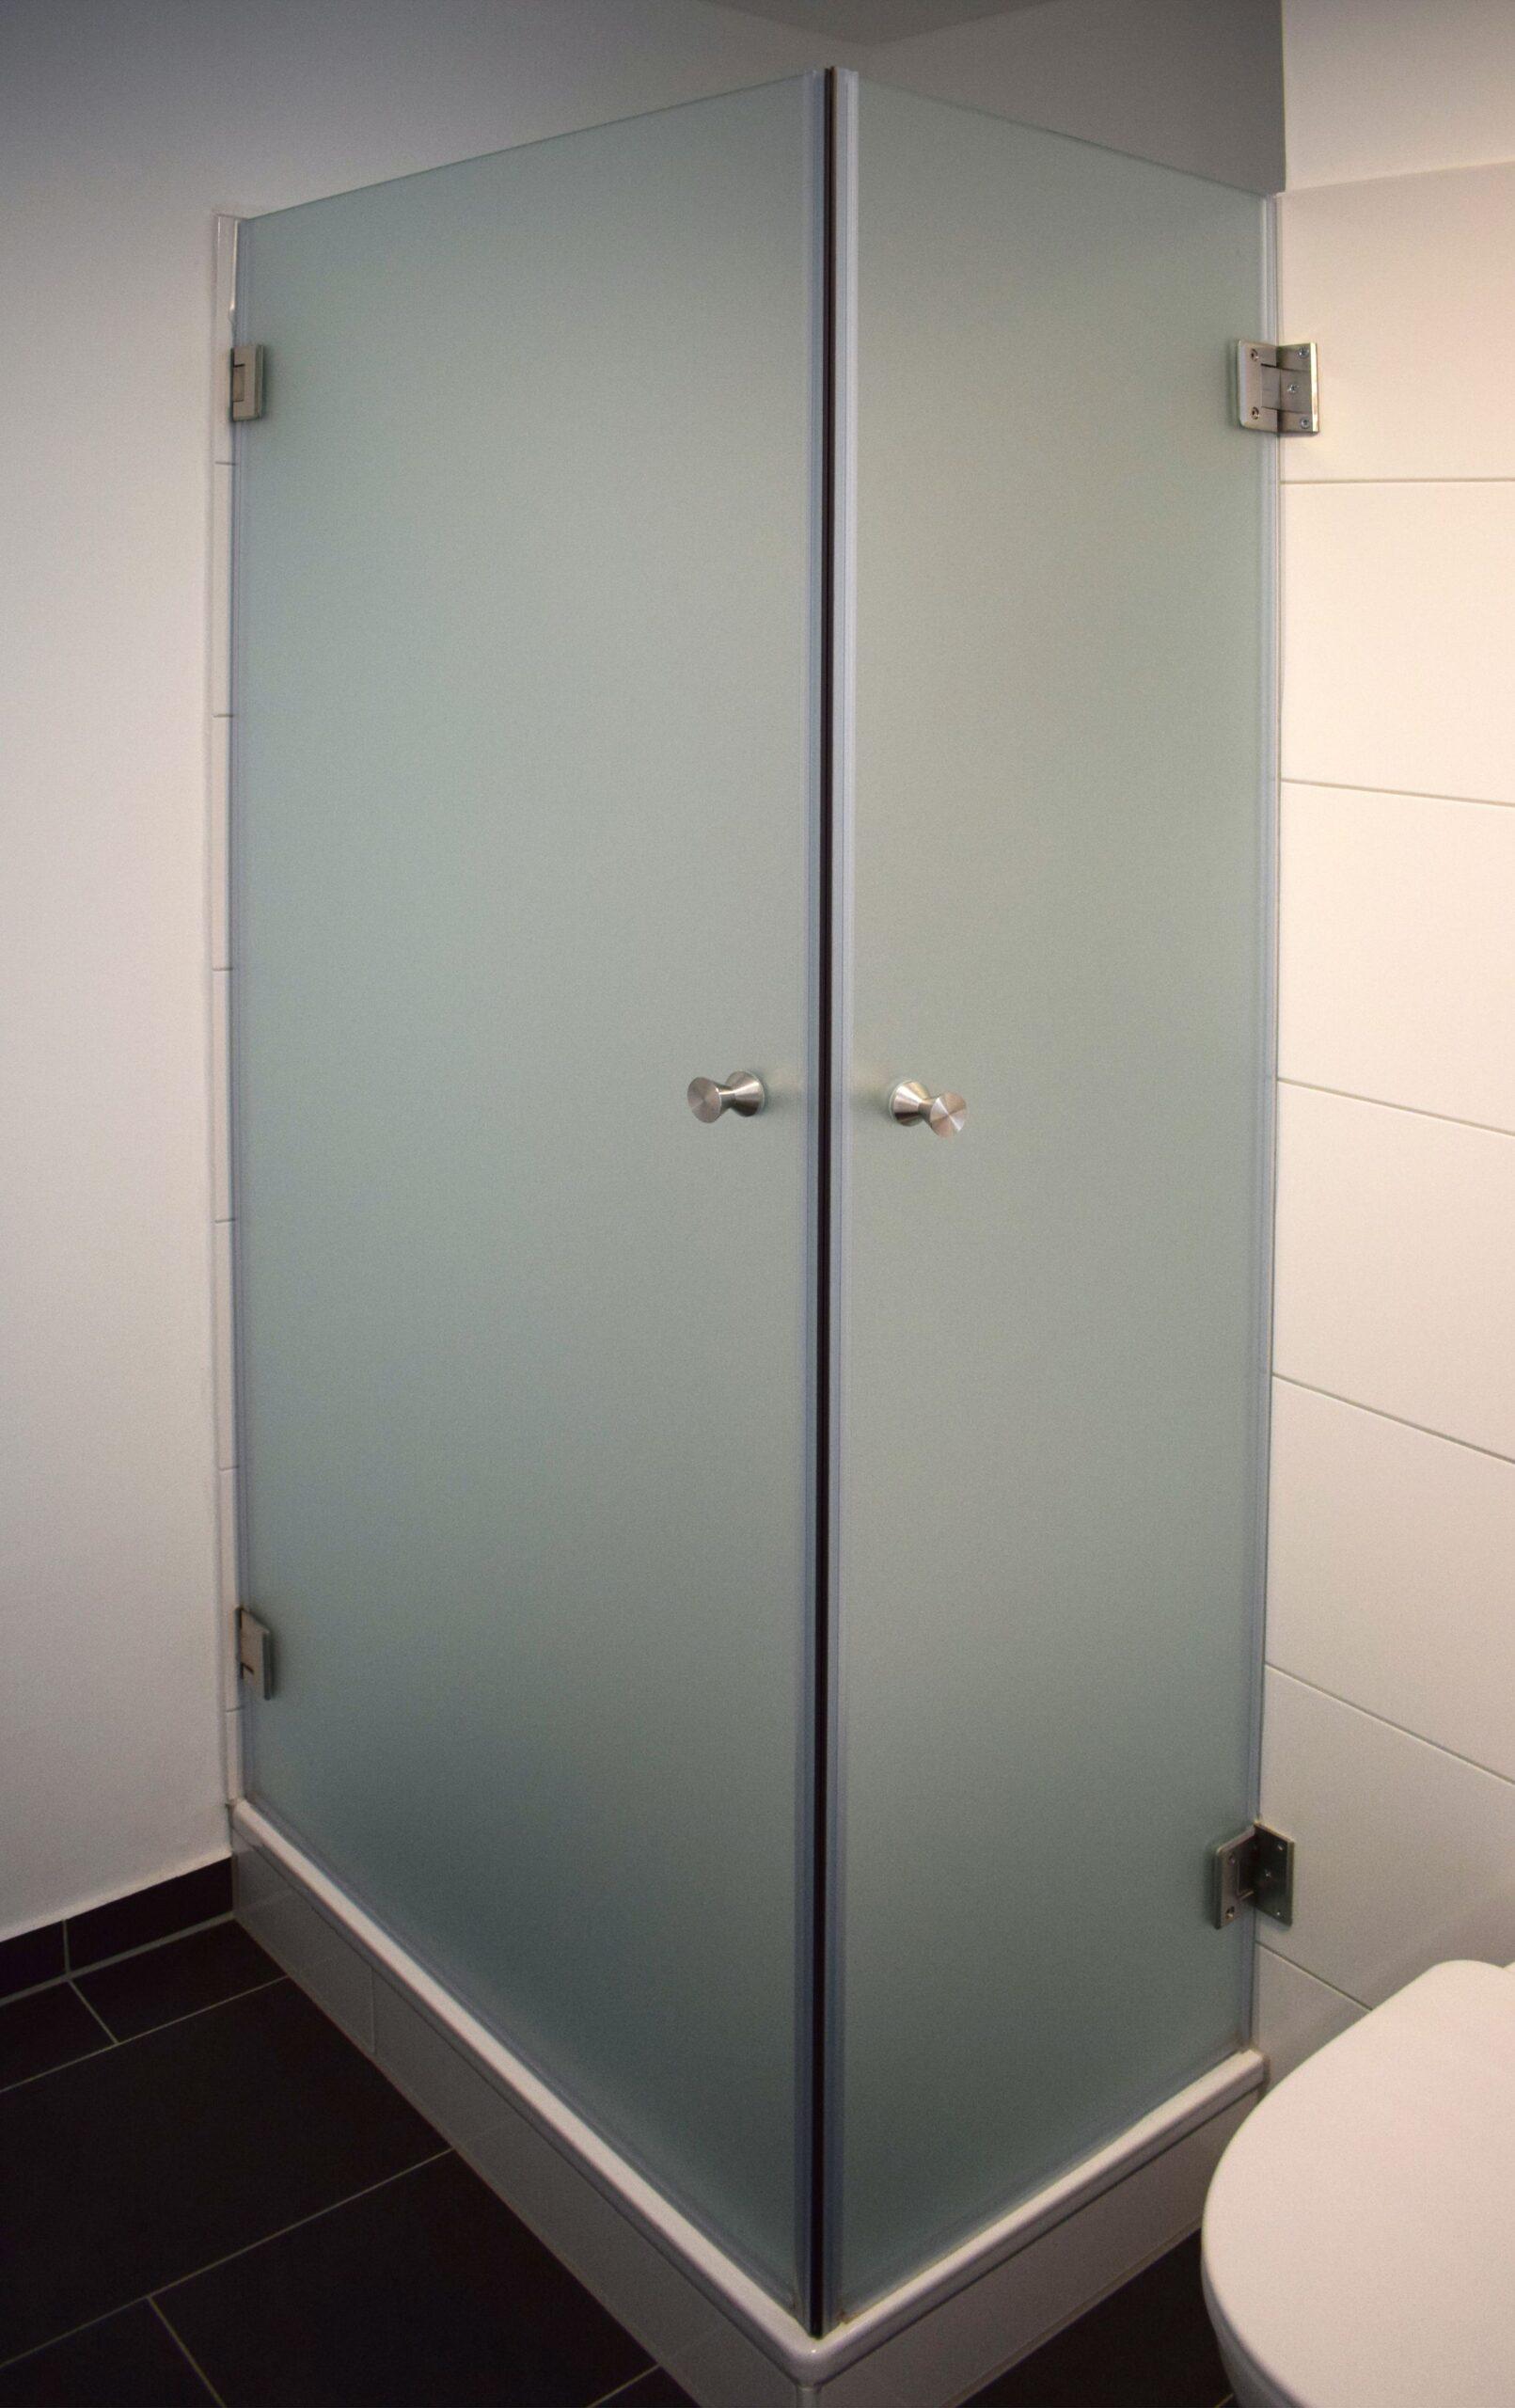 Full Size of Blickdichte Eckdusche Geschlossen Mit Satiniertem Glas Und 180 Badewanne Dusche Ebenerdige Fliesen Sprinz Duschen Einhebelmischer Tür Behindertengerechte Dusche Glaswand Dusche